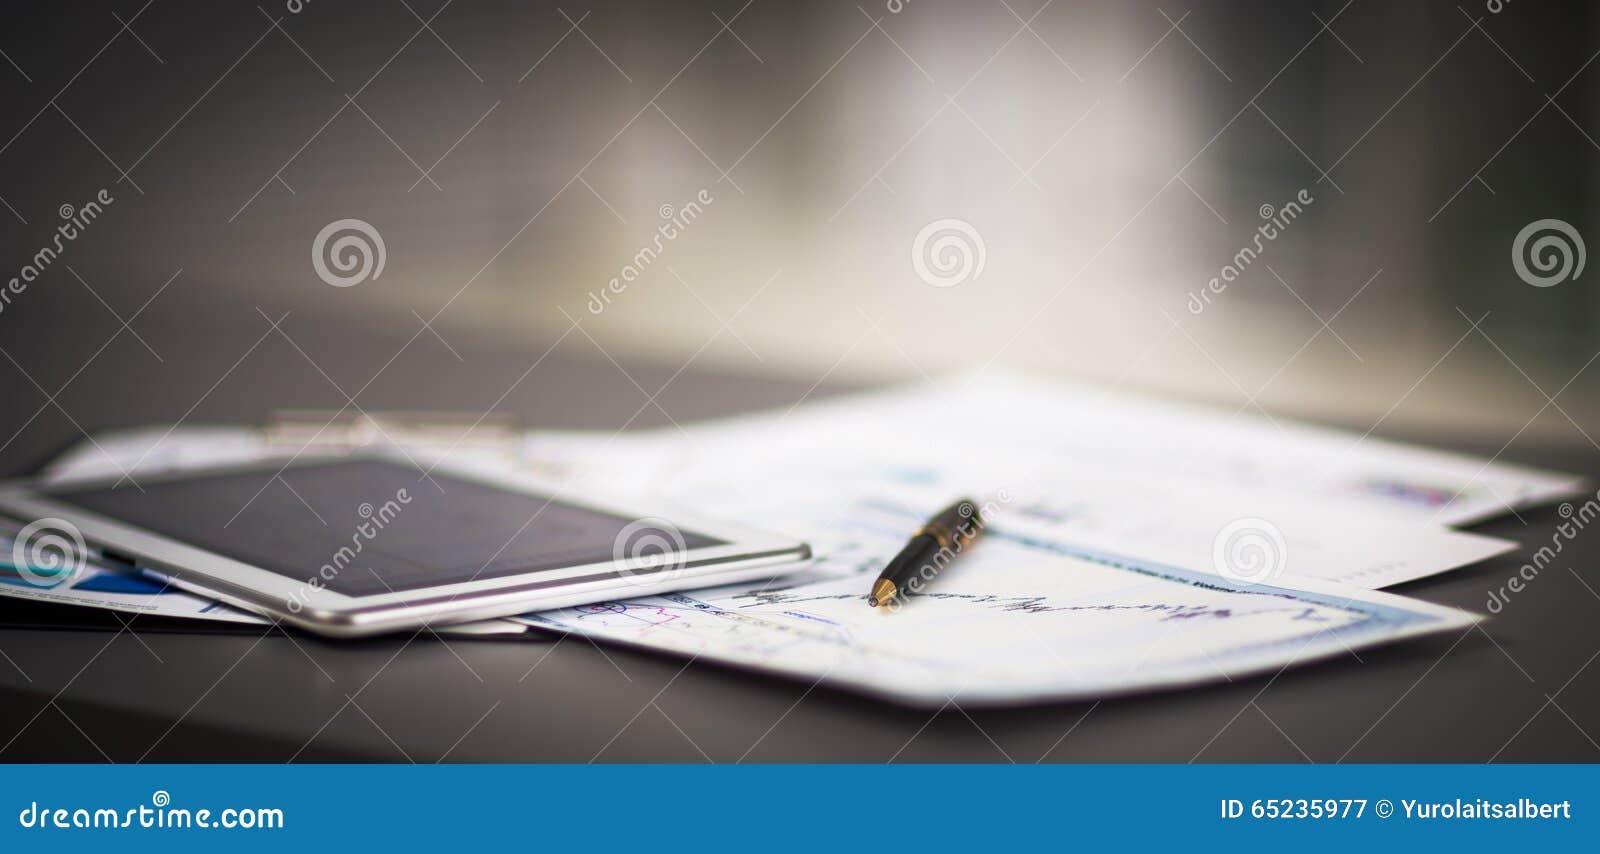 Tablette et diagrammes financiers